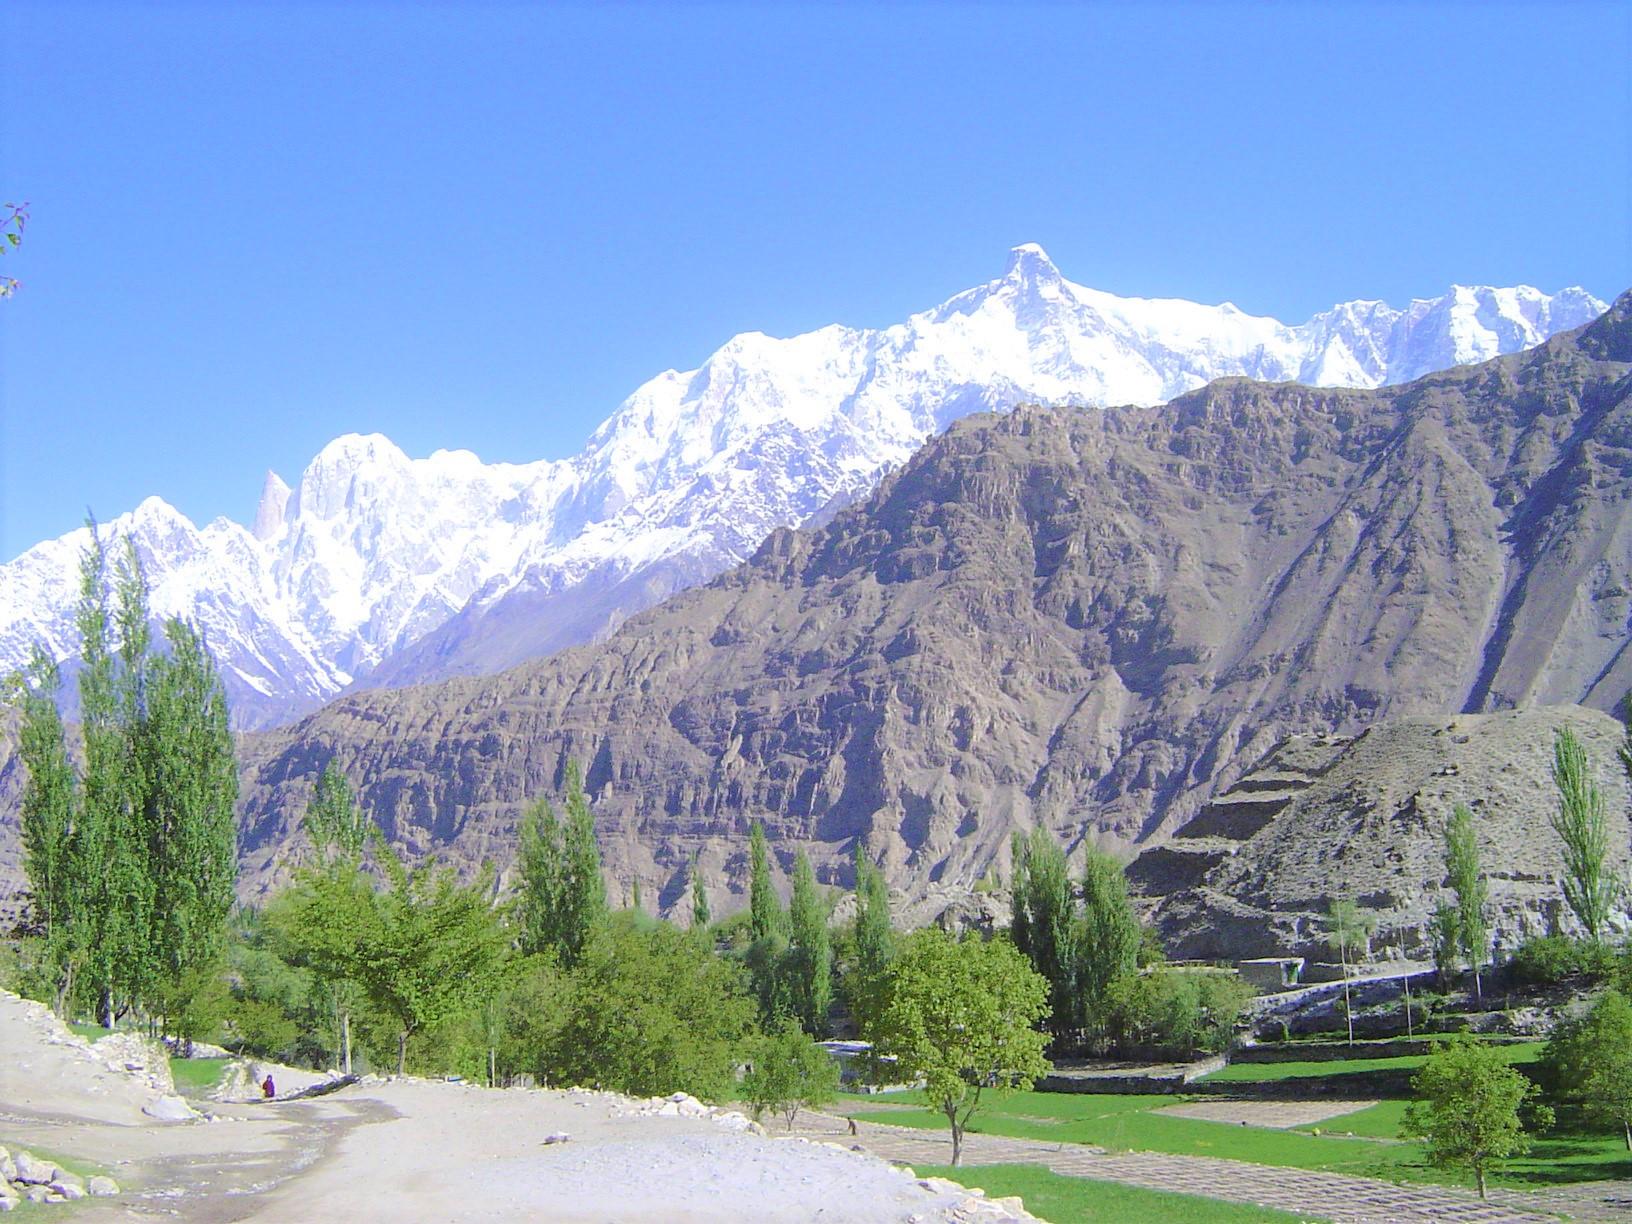 ホーパル村からの姿をかえたウルタルⅡ峰(7,388m)